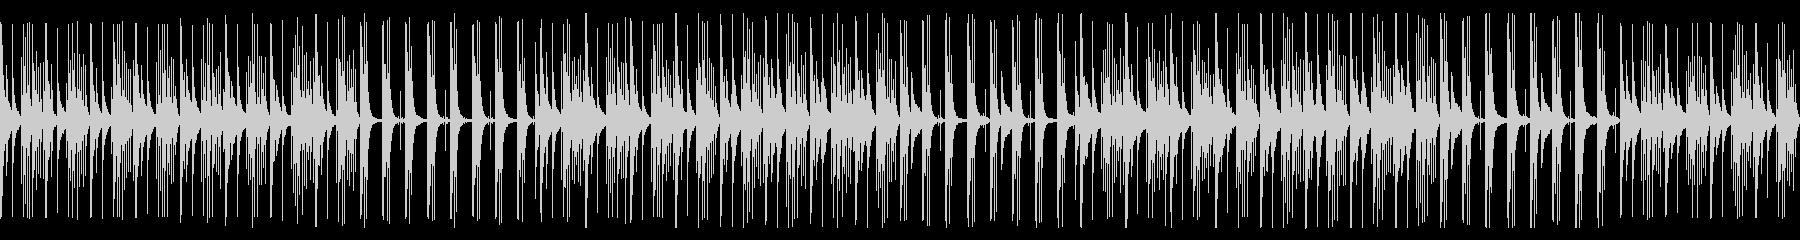 【ループ版】YouTube カリンバの未再生の波形